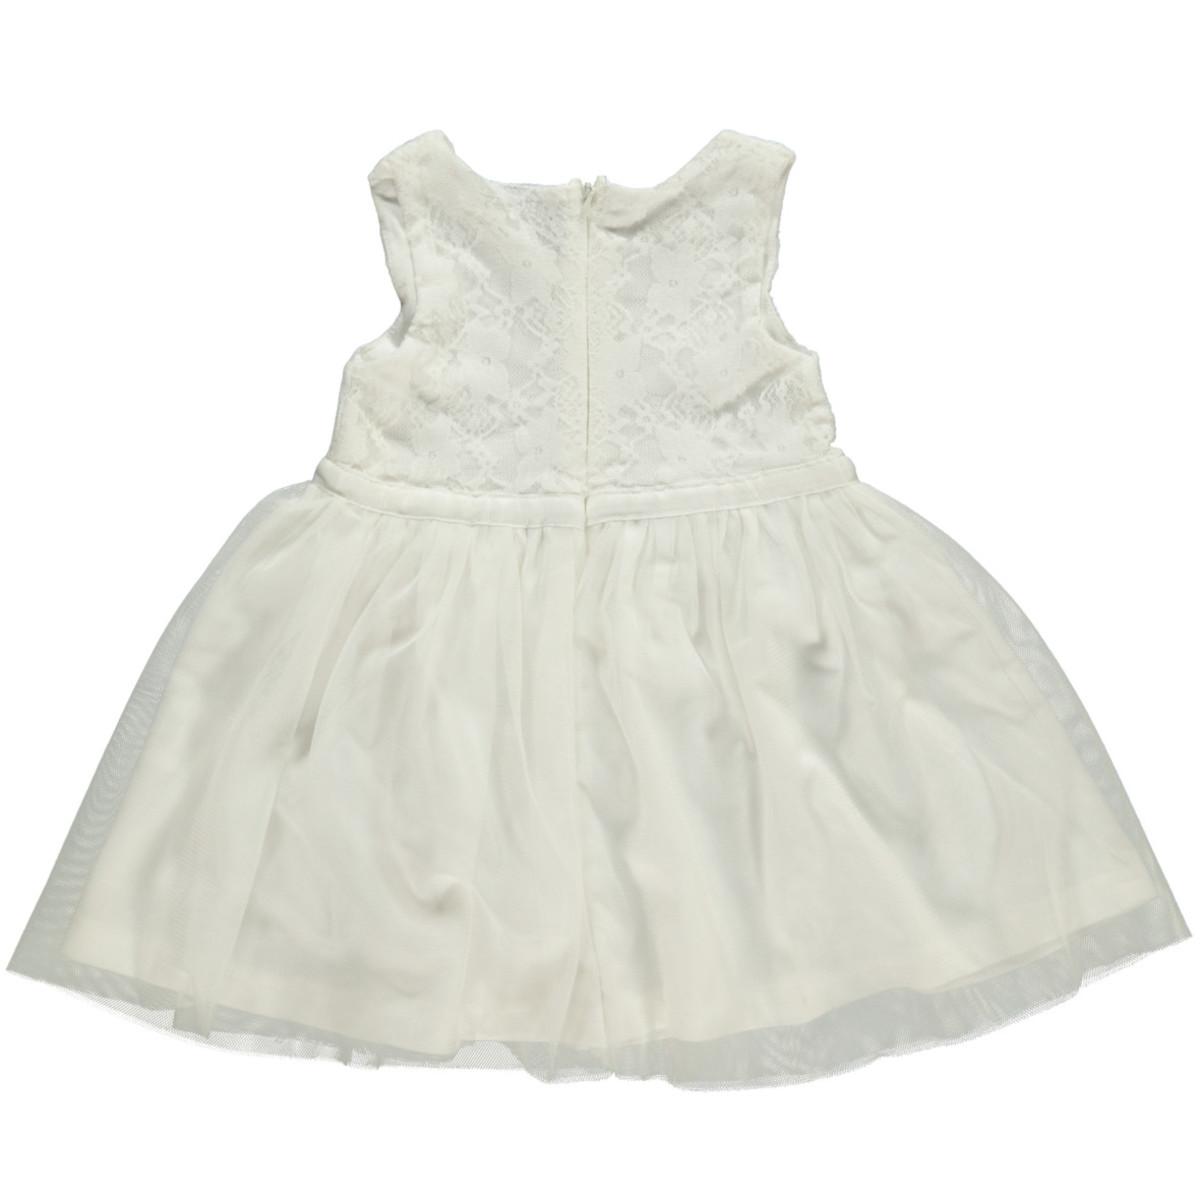 Bild 2 von Mädchen Kleid mit Tüllrock und Spitze